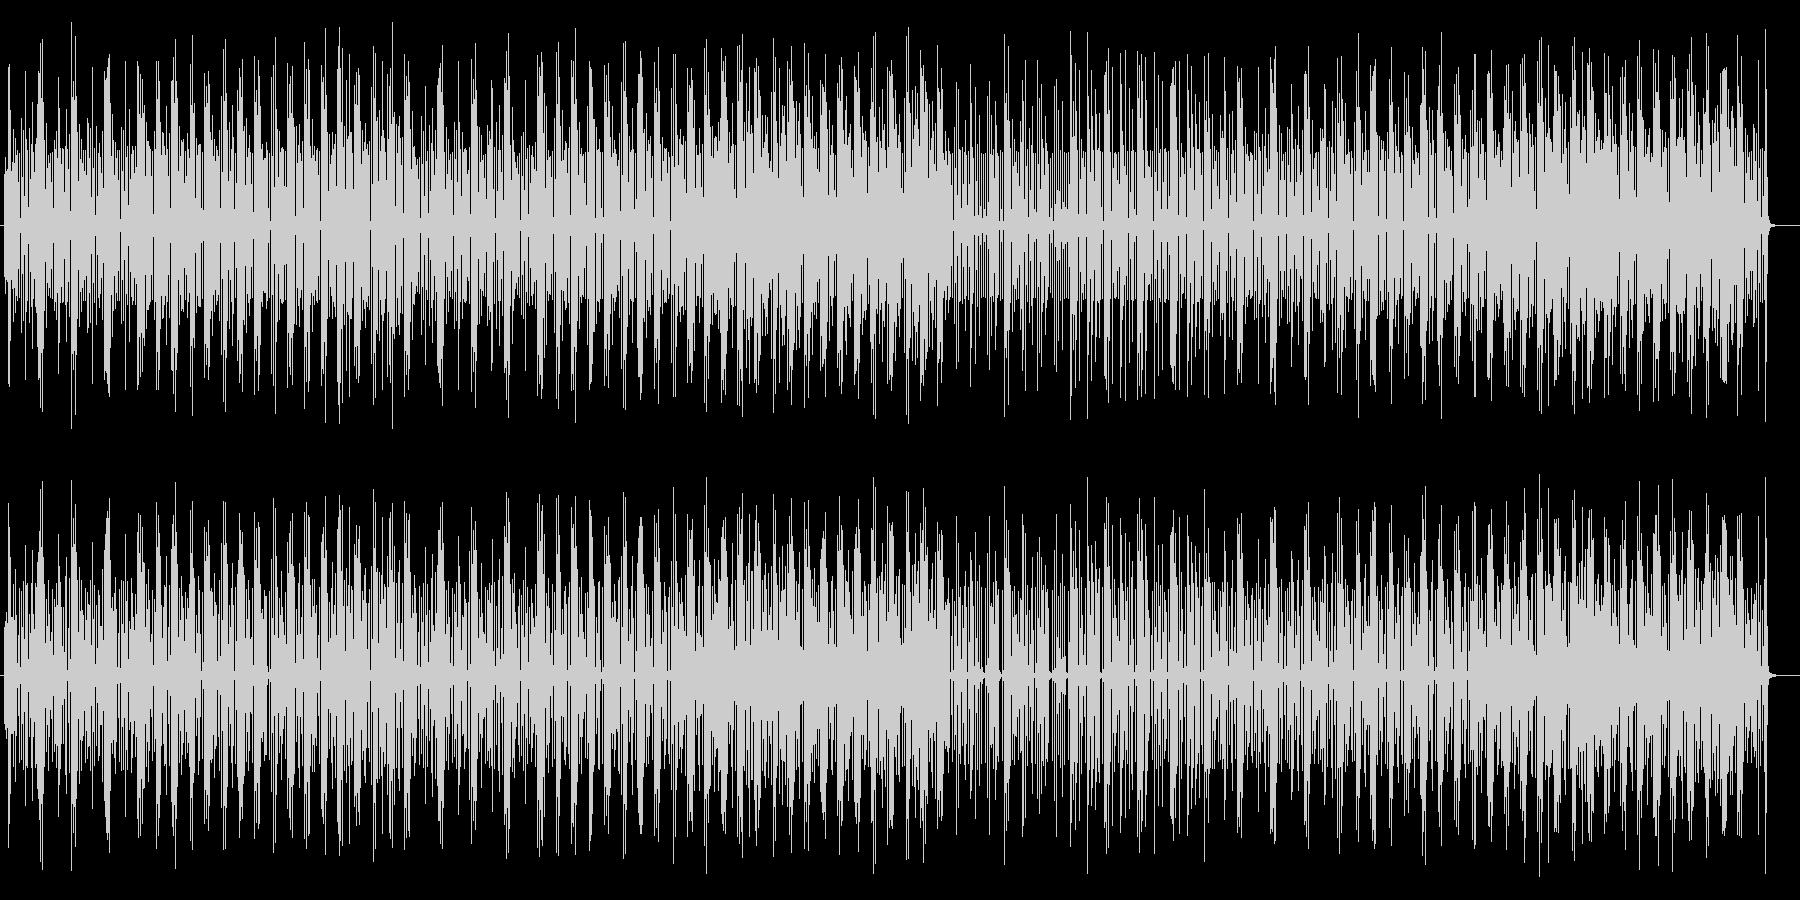 さわやかなシンセサイザーのポップスの未再生の波形